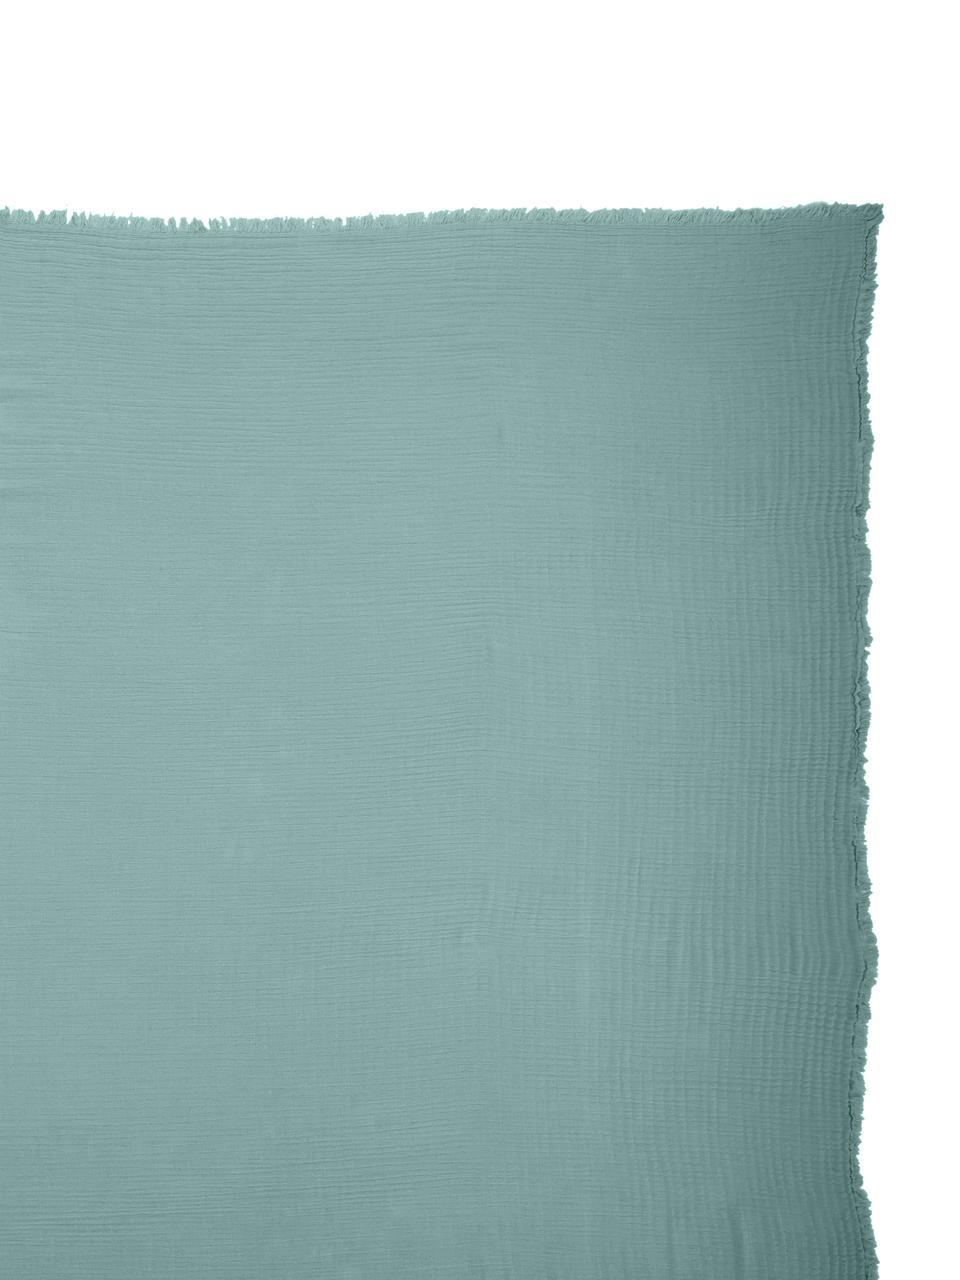 Tagesdecke Vanly aus weichem Baumwollmusselin, 100% Baumwollmusselin, Graugrün, B 240 x L 260 cm (für Betten ab 160 x 200)